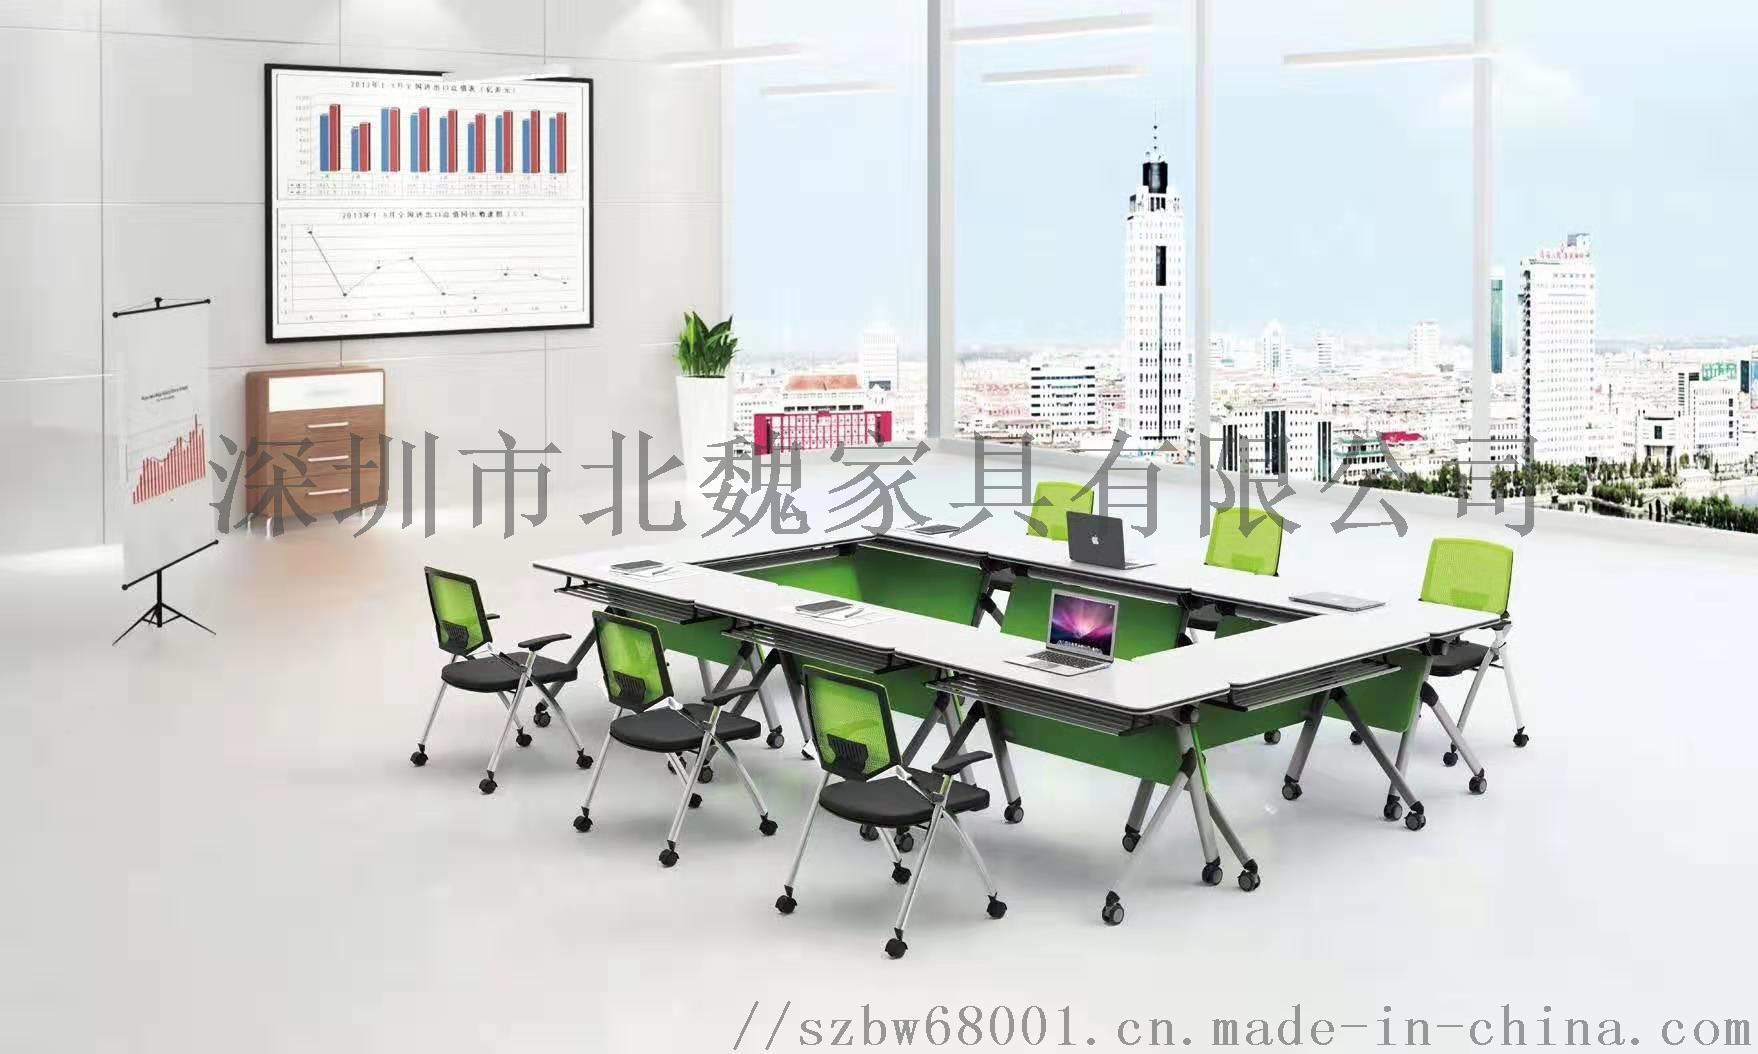 现代折叠培训桌椅-培训班折叠桌椅-可移动拼接桌椅123031625